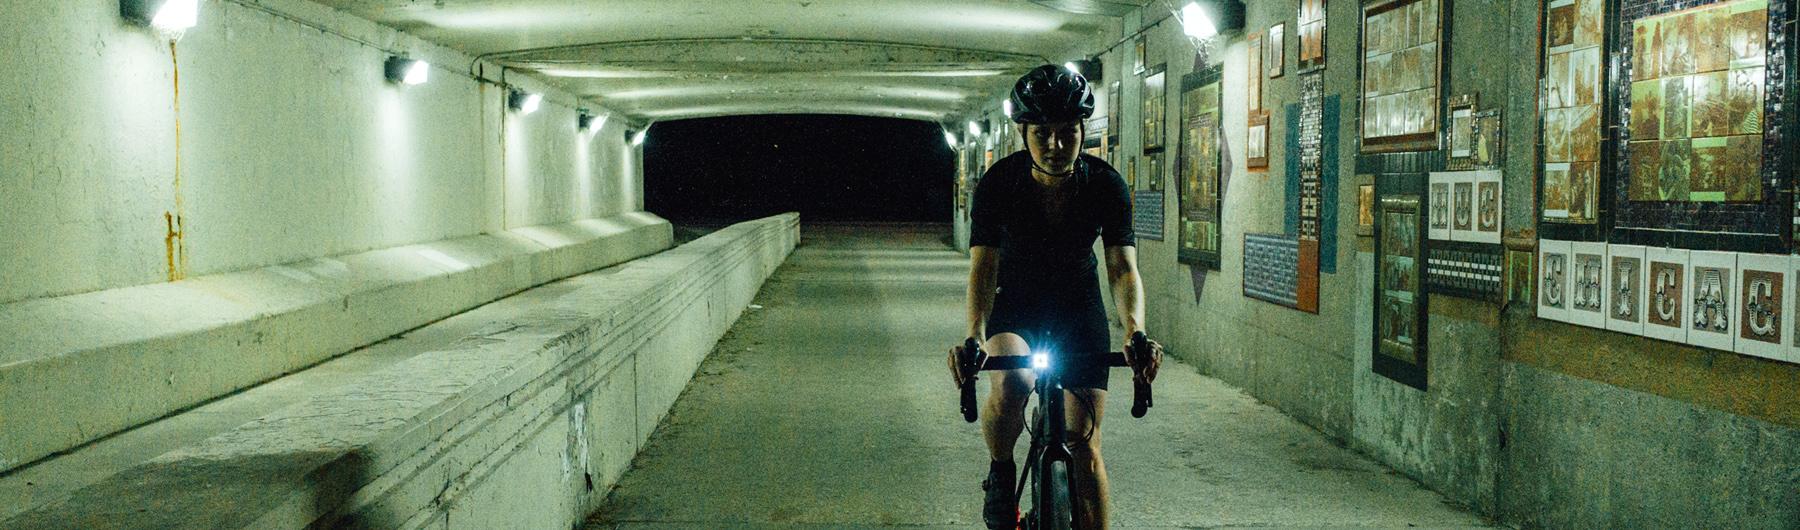 Thursday Night Lights Ride